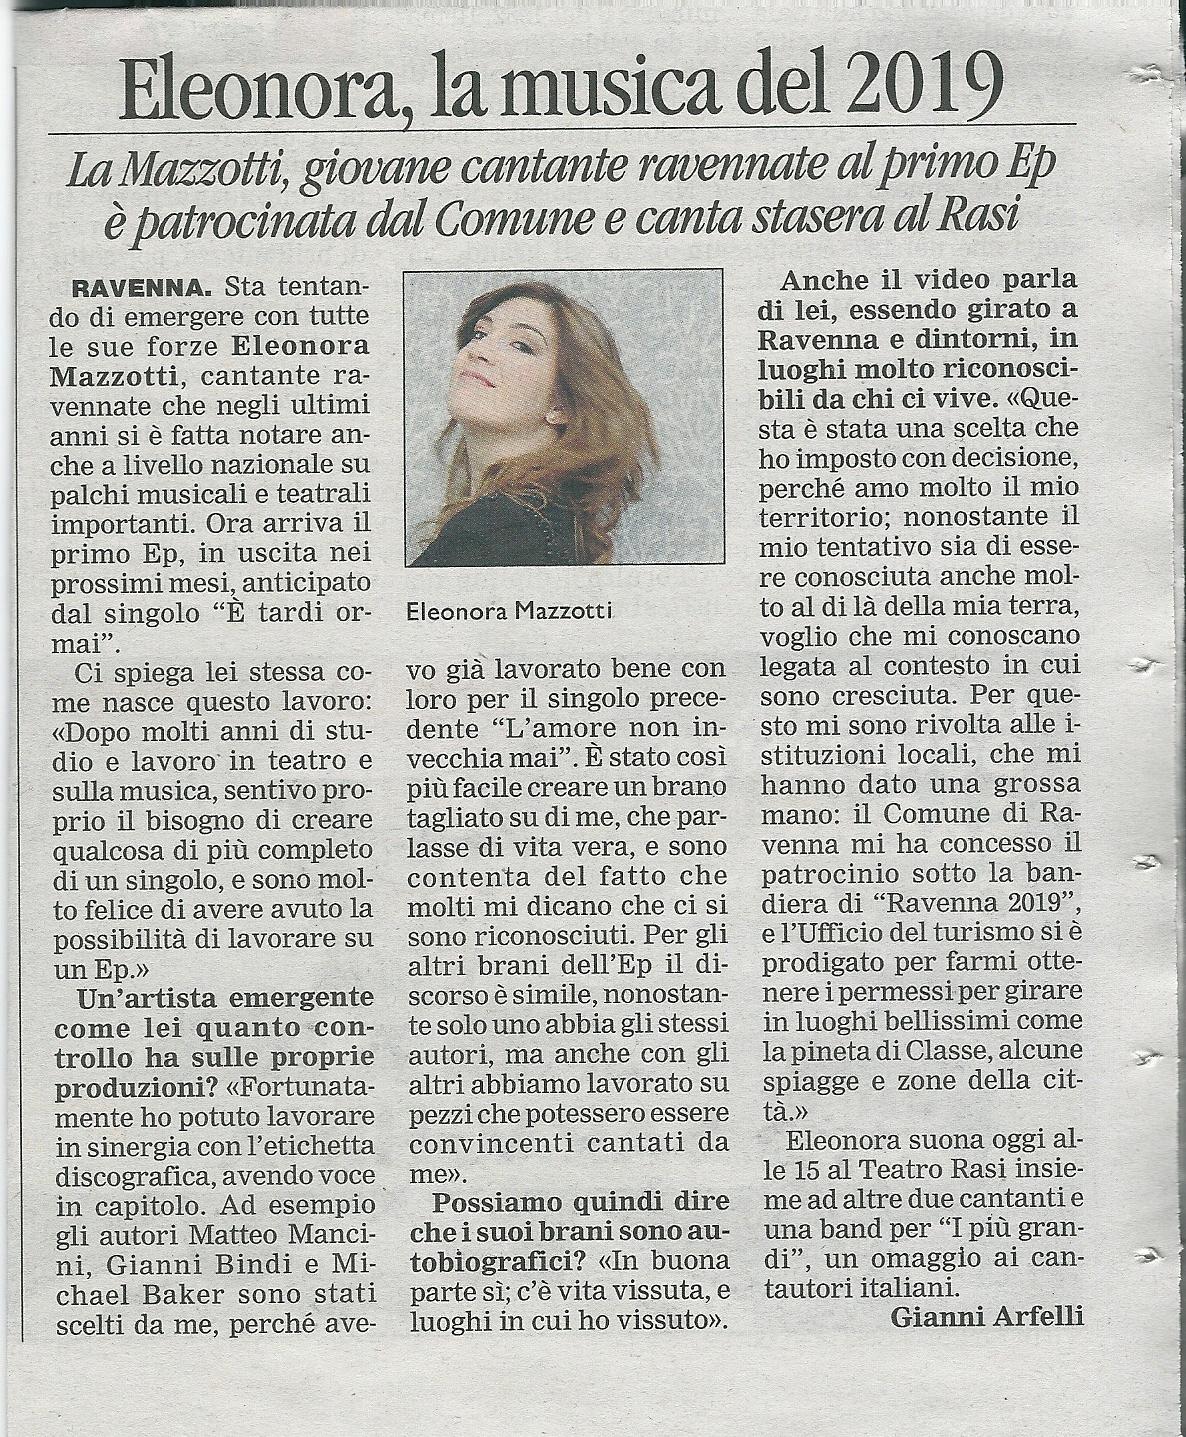 Il Corriere_20_10_20130001